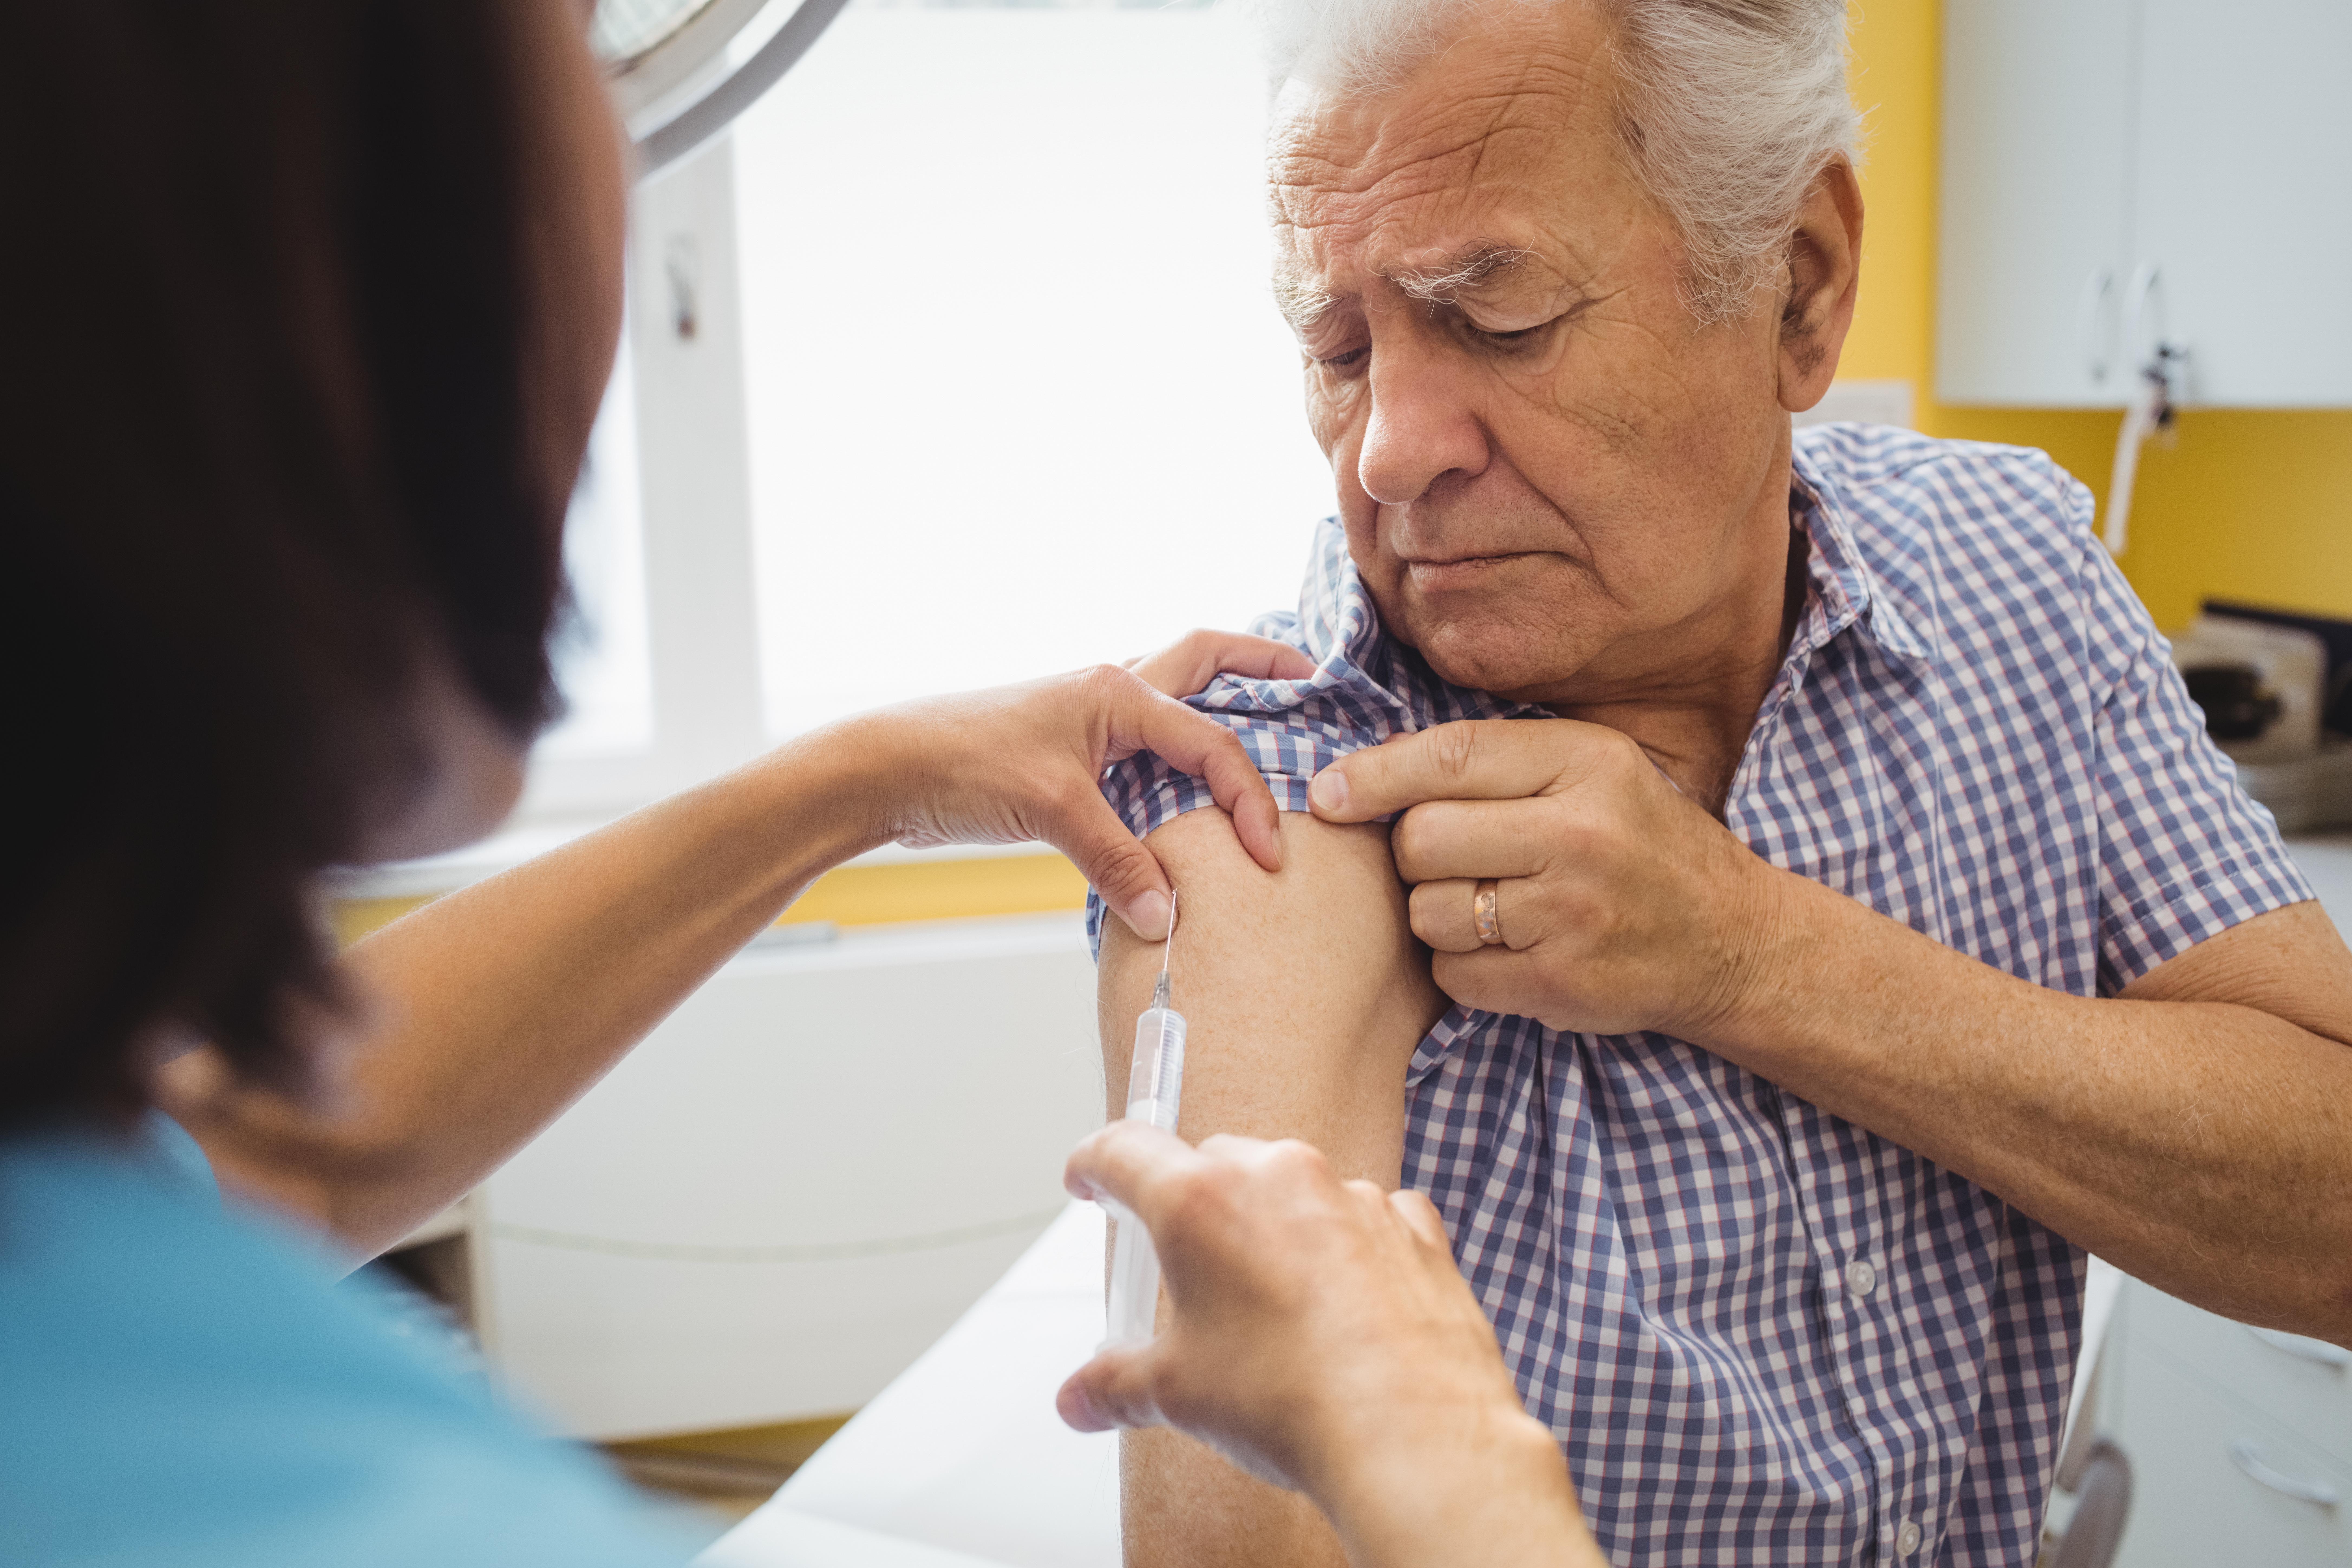 Marika Hjertqvist vid Folkhälsomyndigheten menar att utbredningen av TBE skulle vara ännu större om inte så många redan vaccinerade sig.